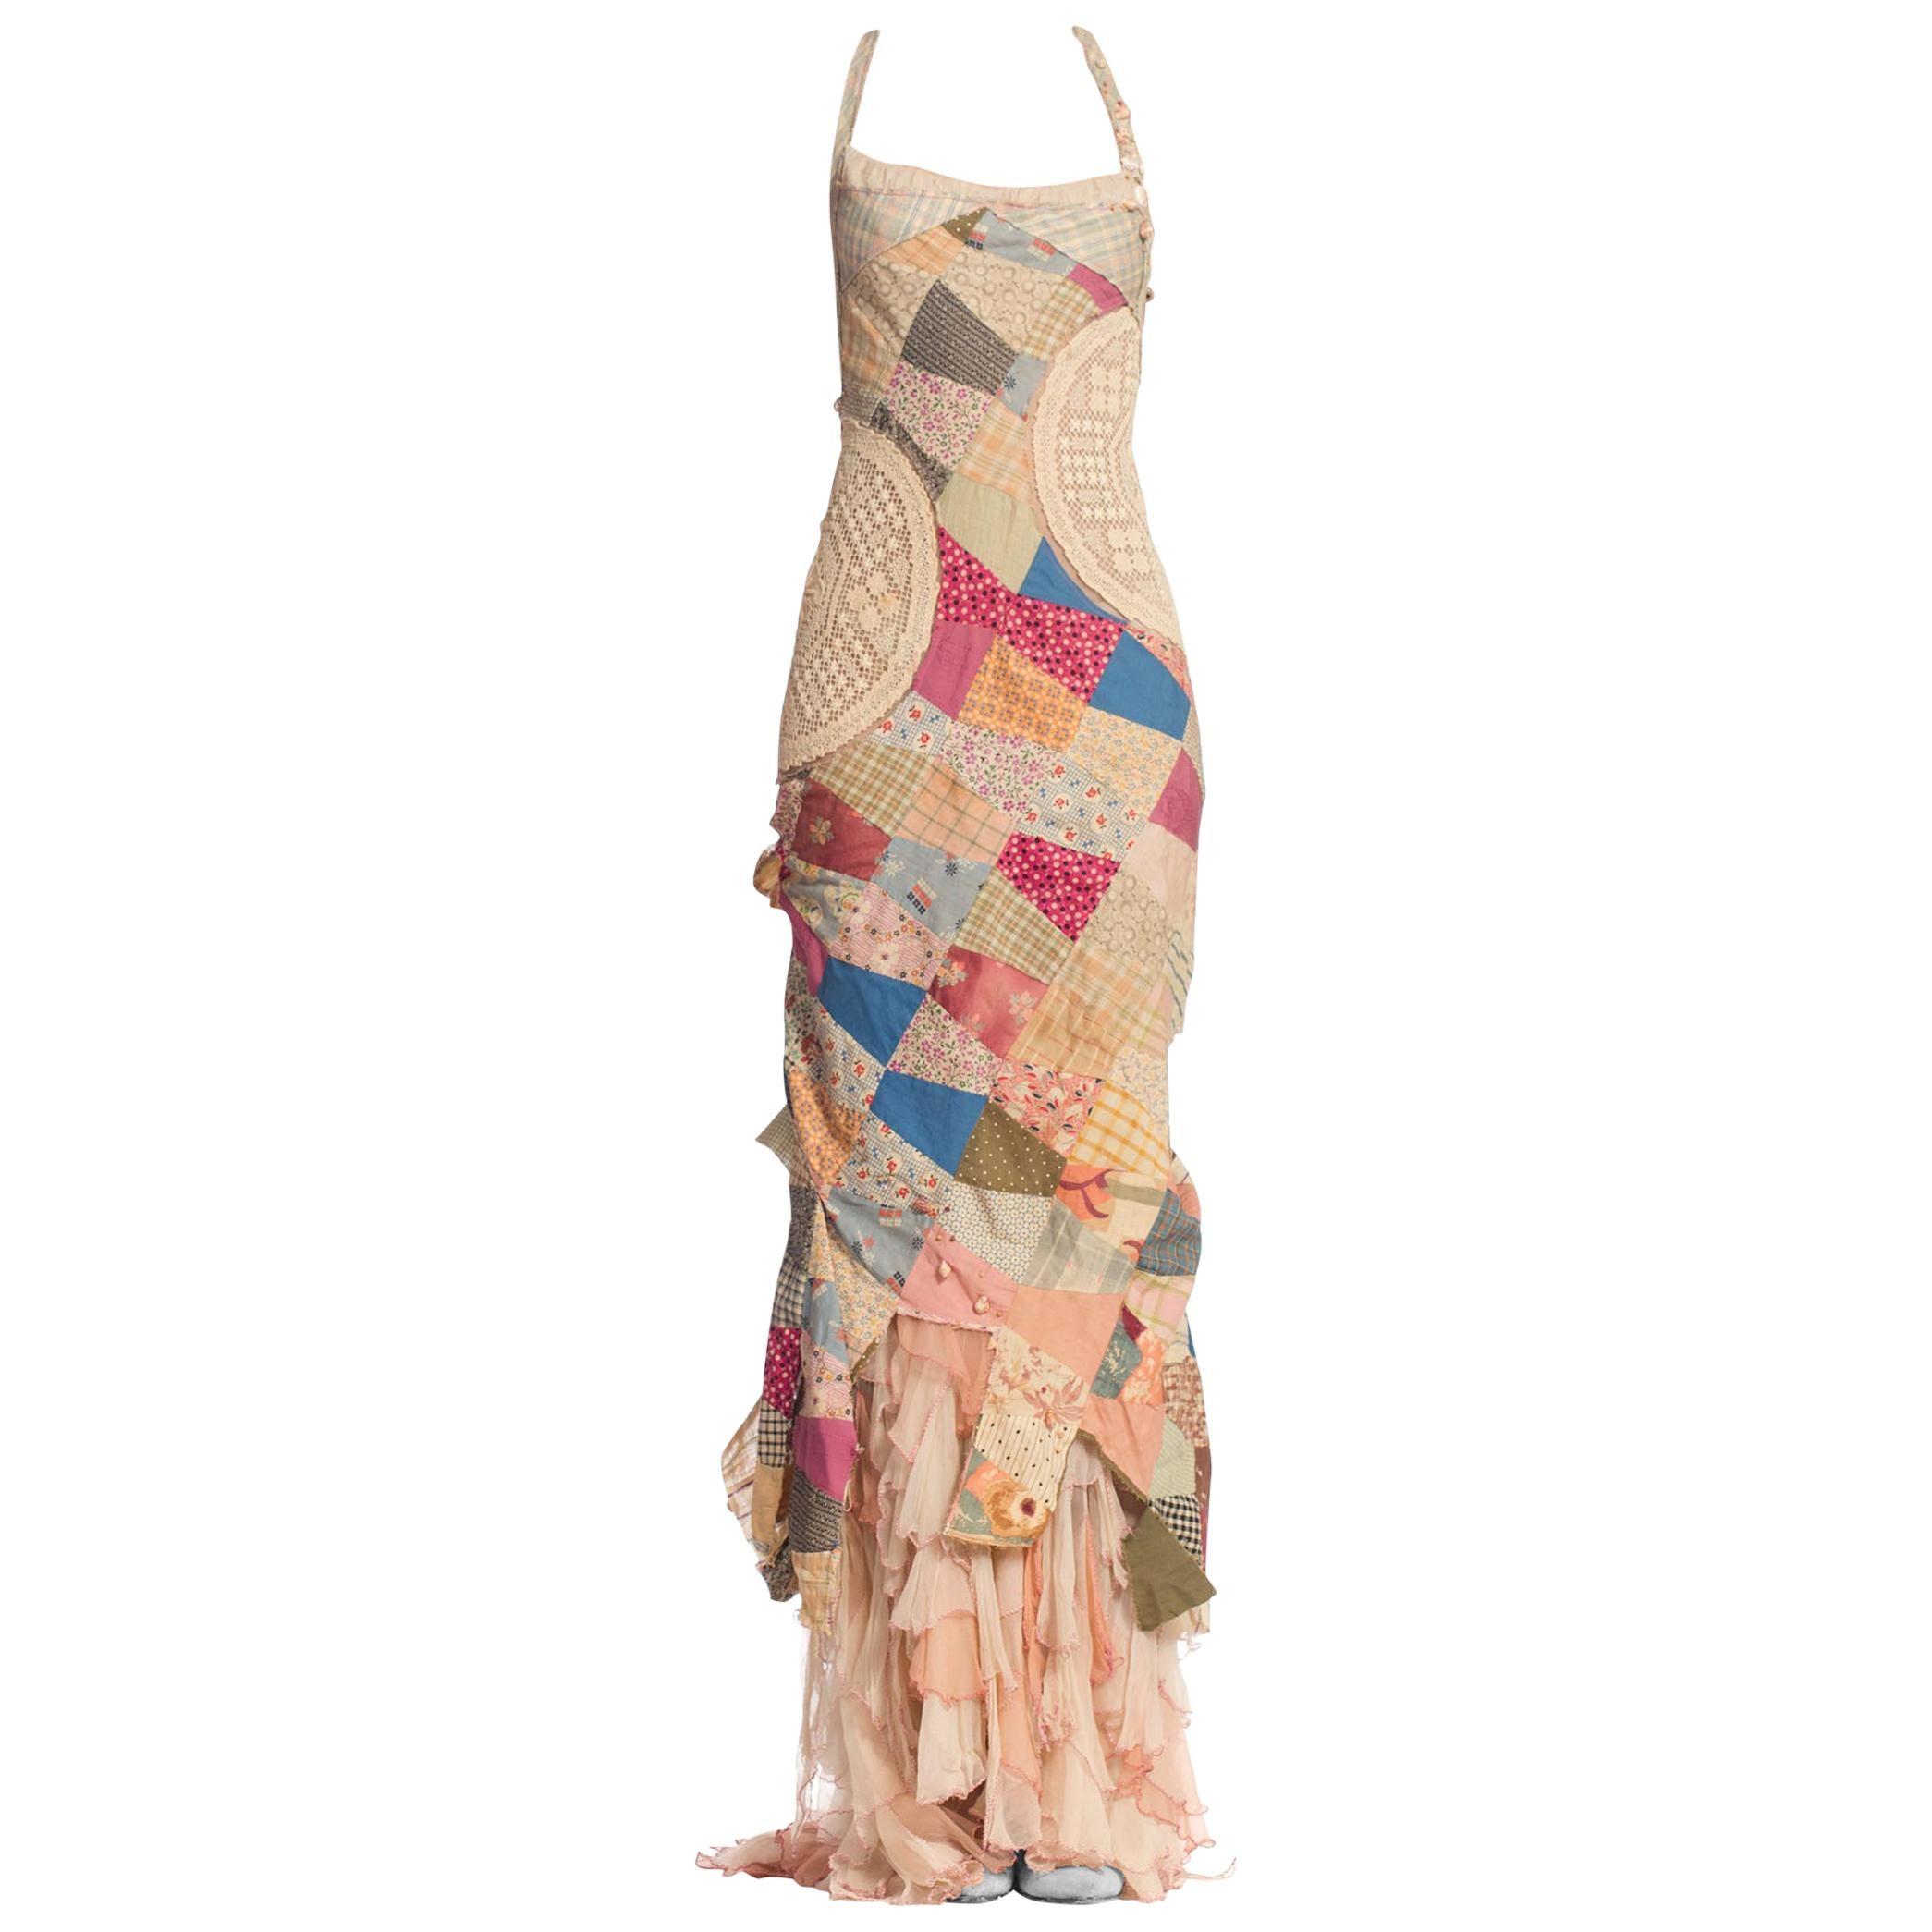 1299d2604bd Vintage and Designer Clothing - 48,169 For Sale at 1stdibs - Page 2